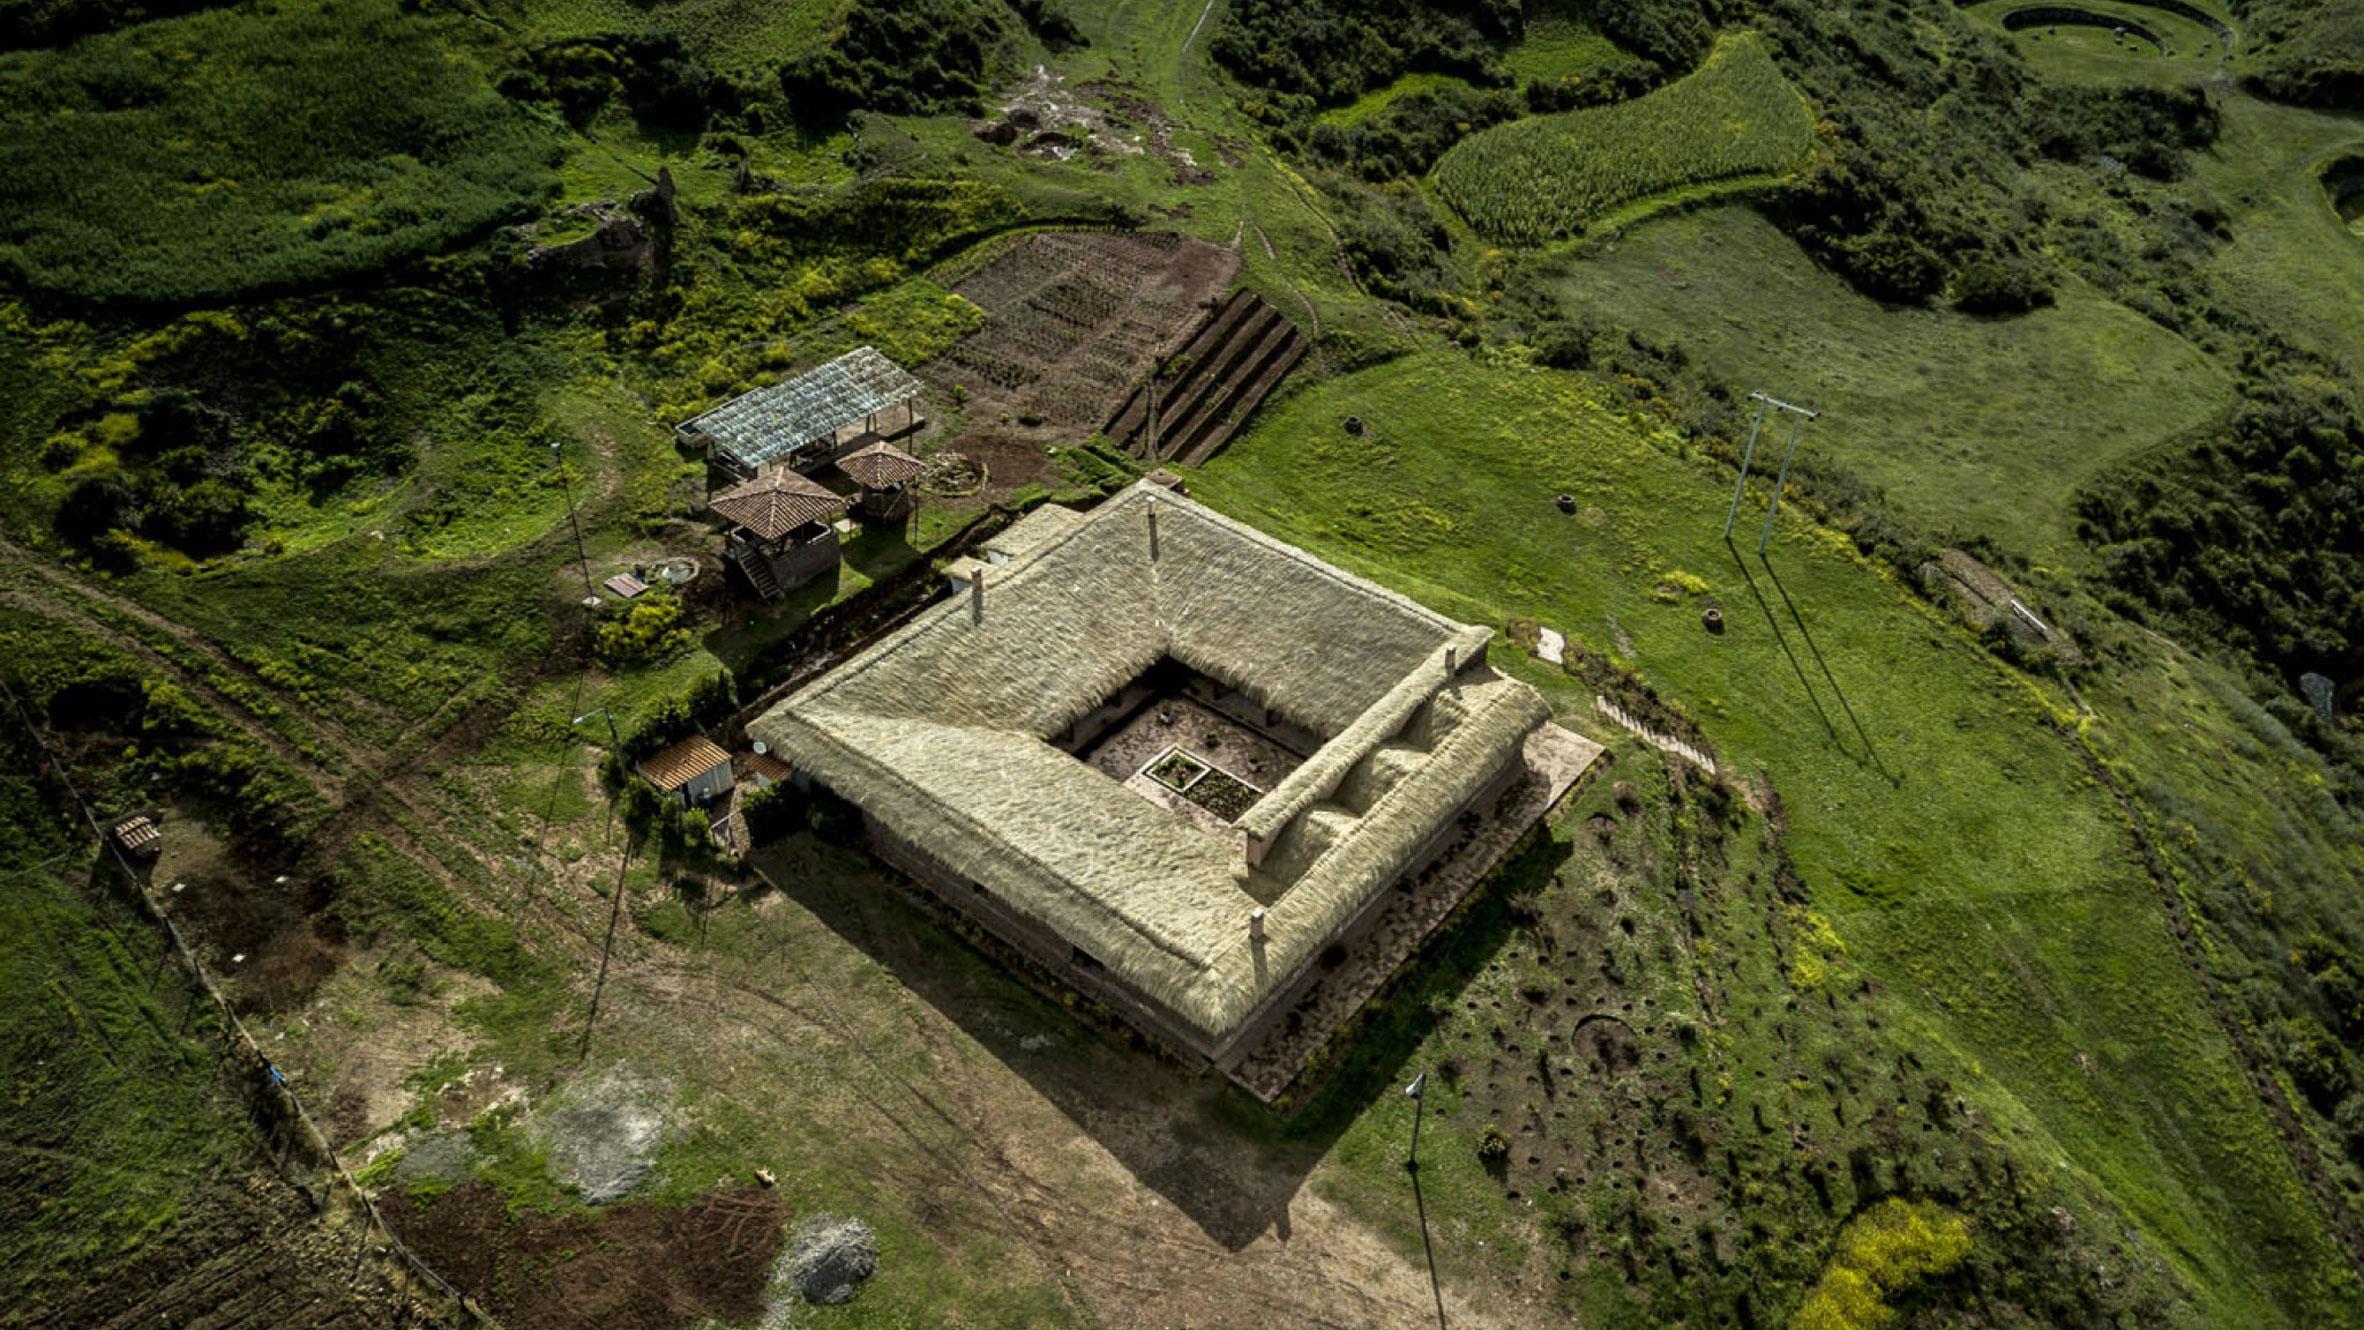 Mil Centro, Maras, Peru, byEstudio Rafael Freyre